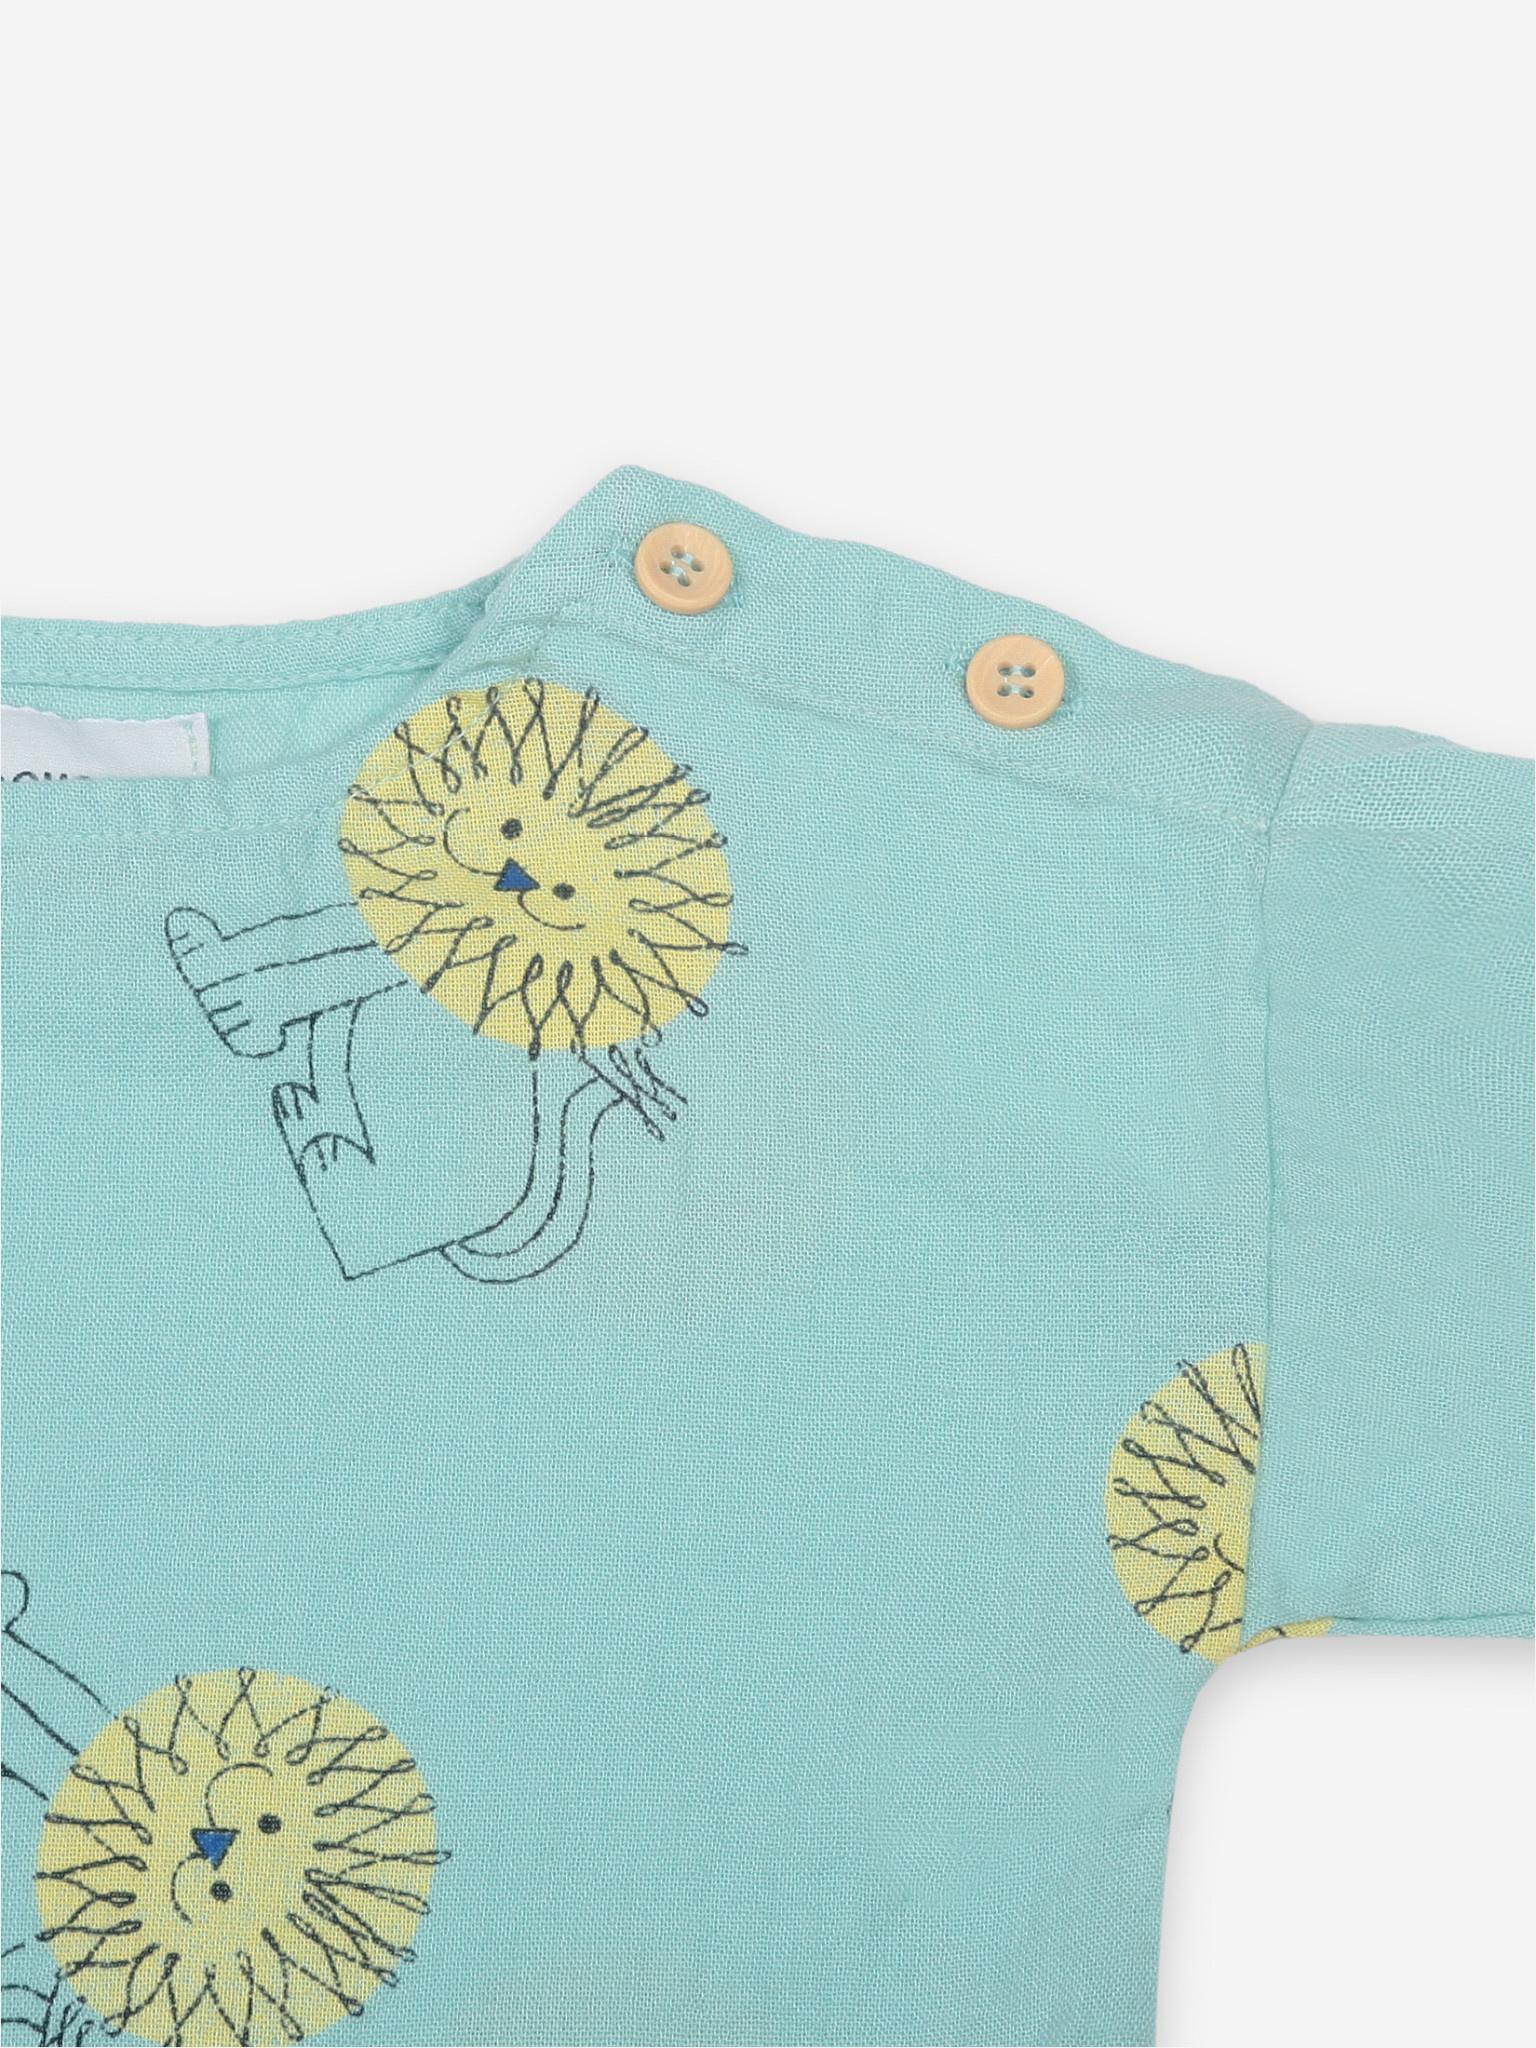 Pet a lion all over shirt-2